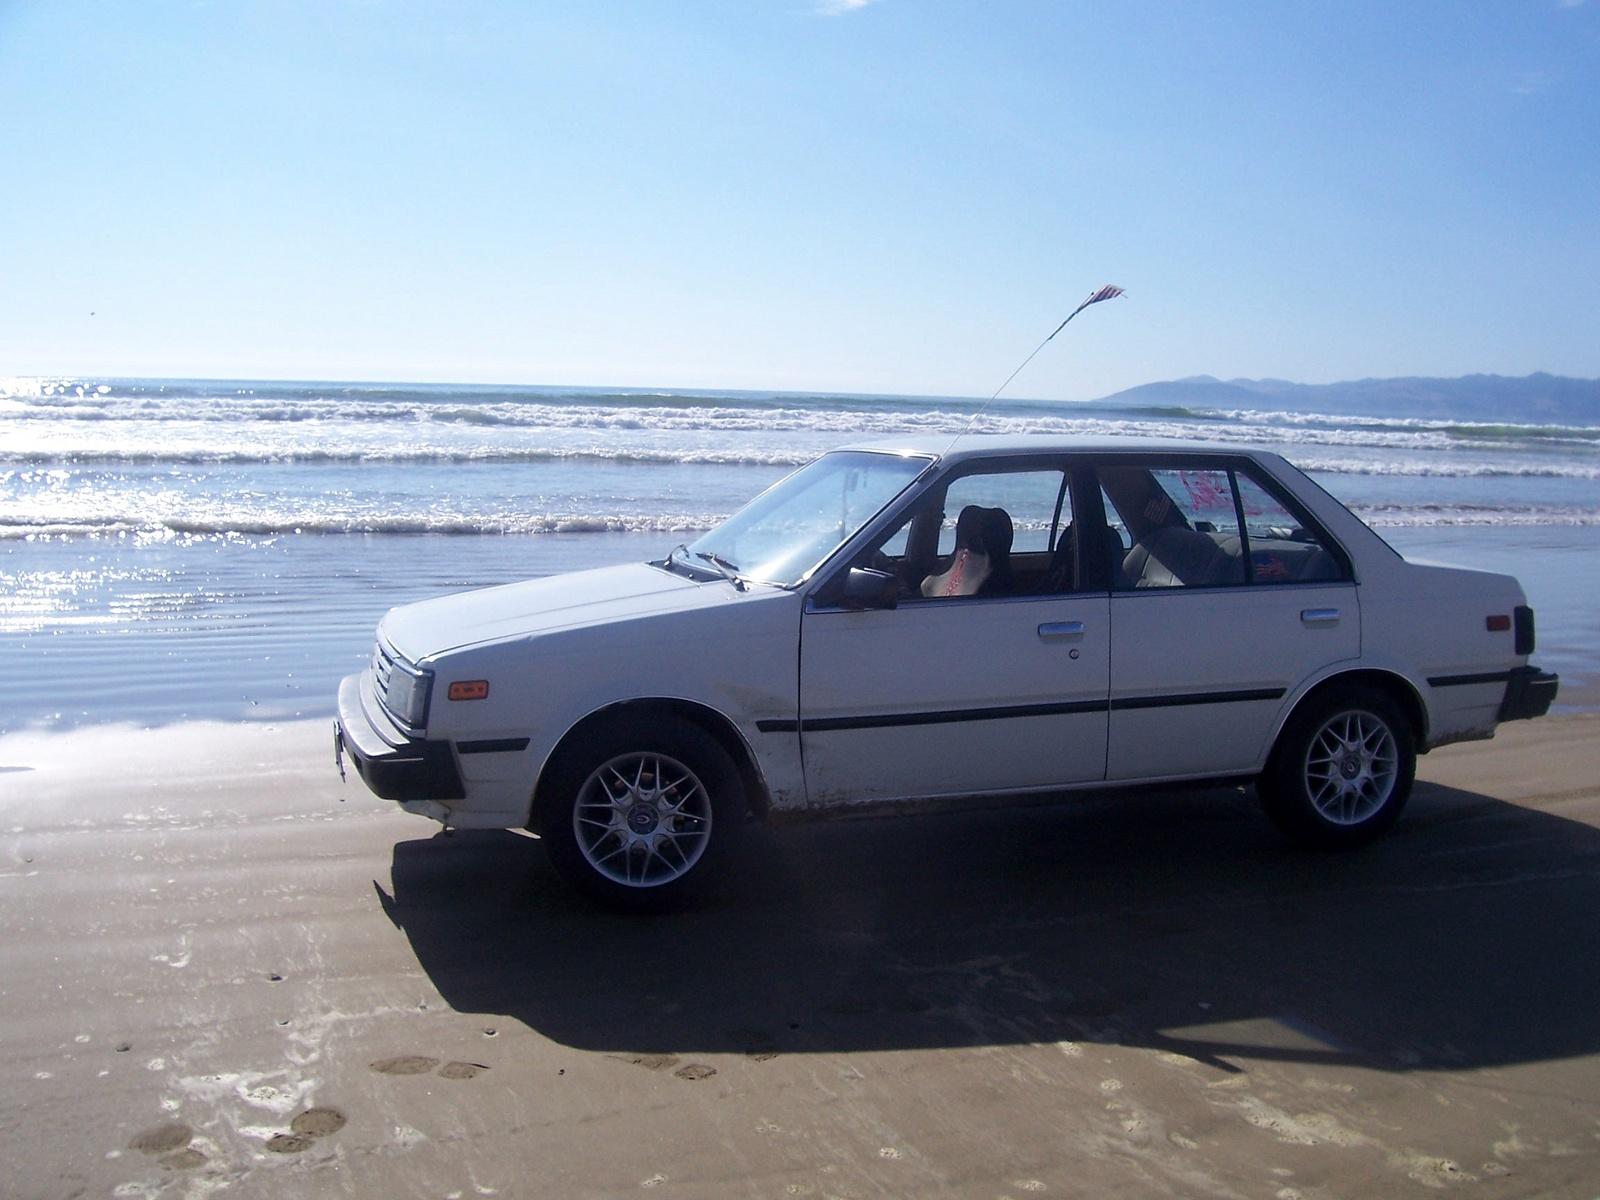 1986 Nissan Sentra - Pictures - CarGurus